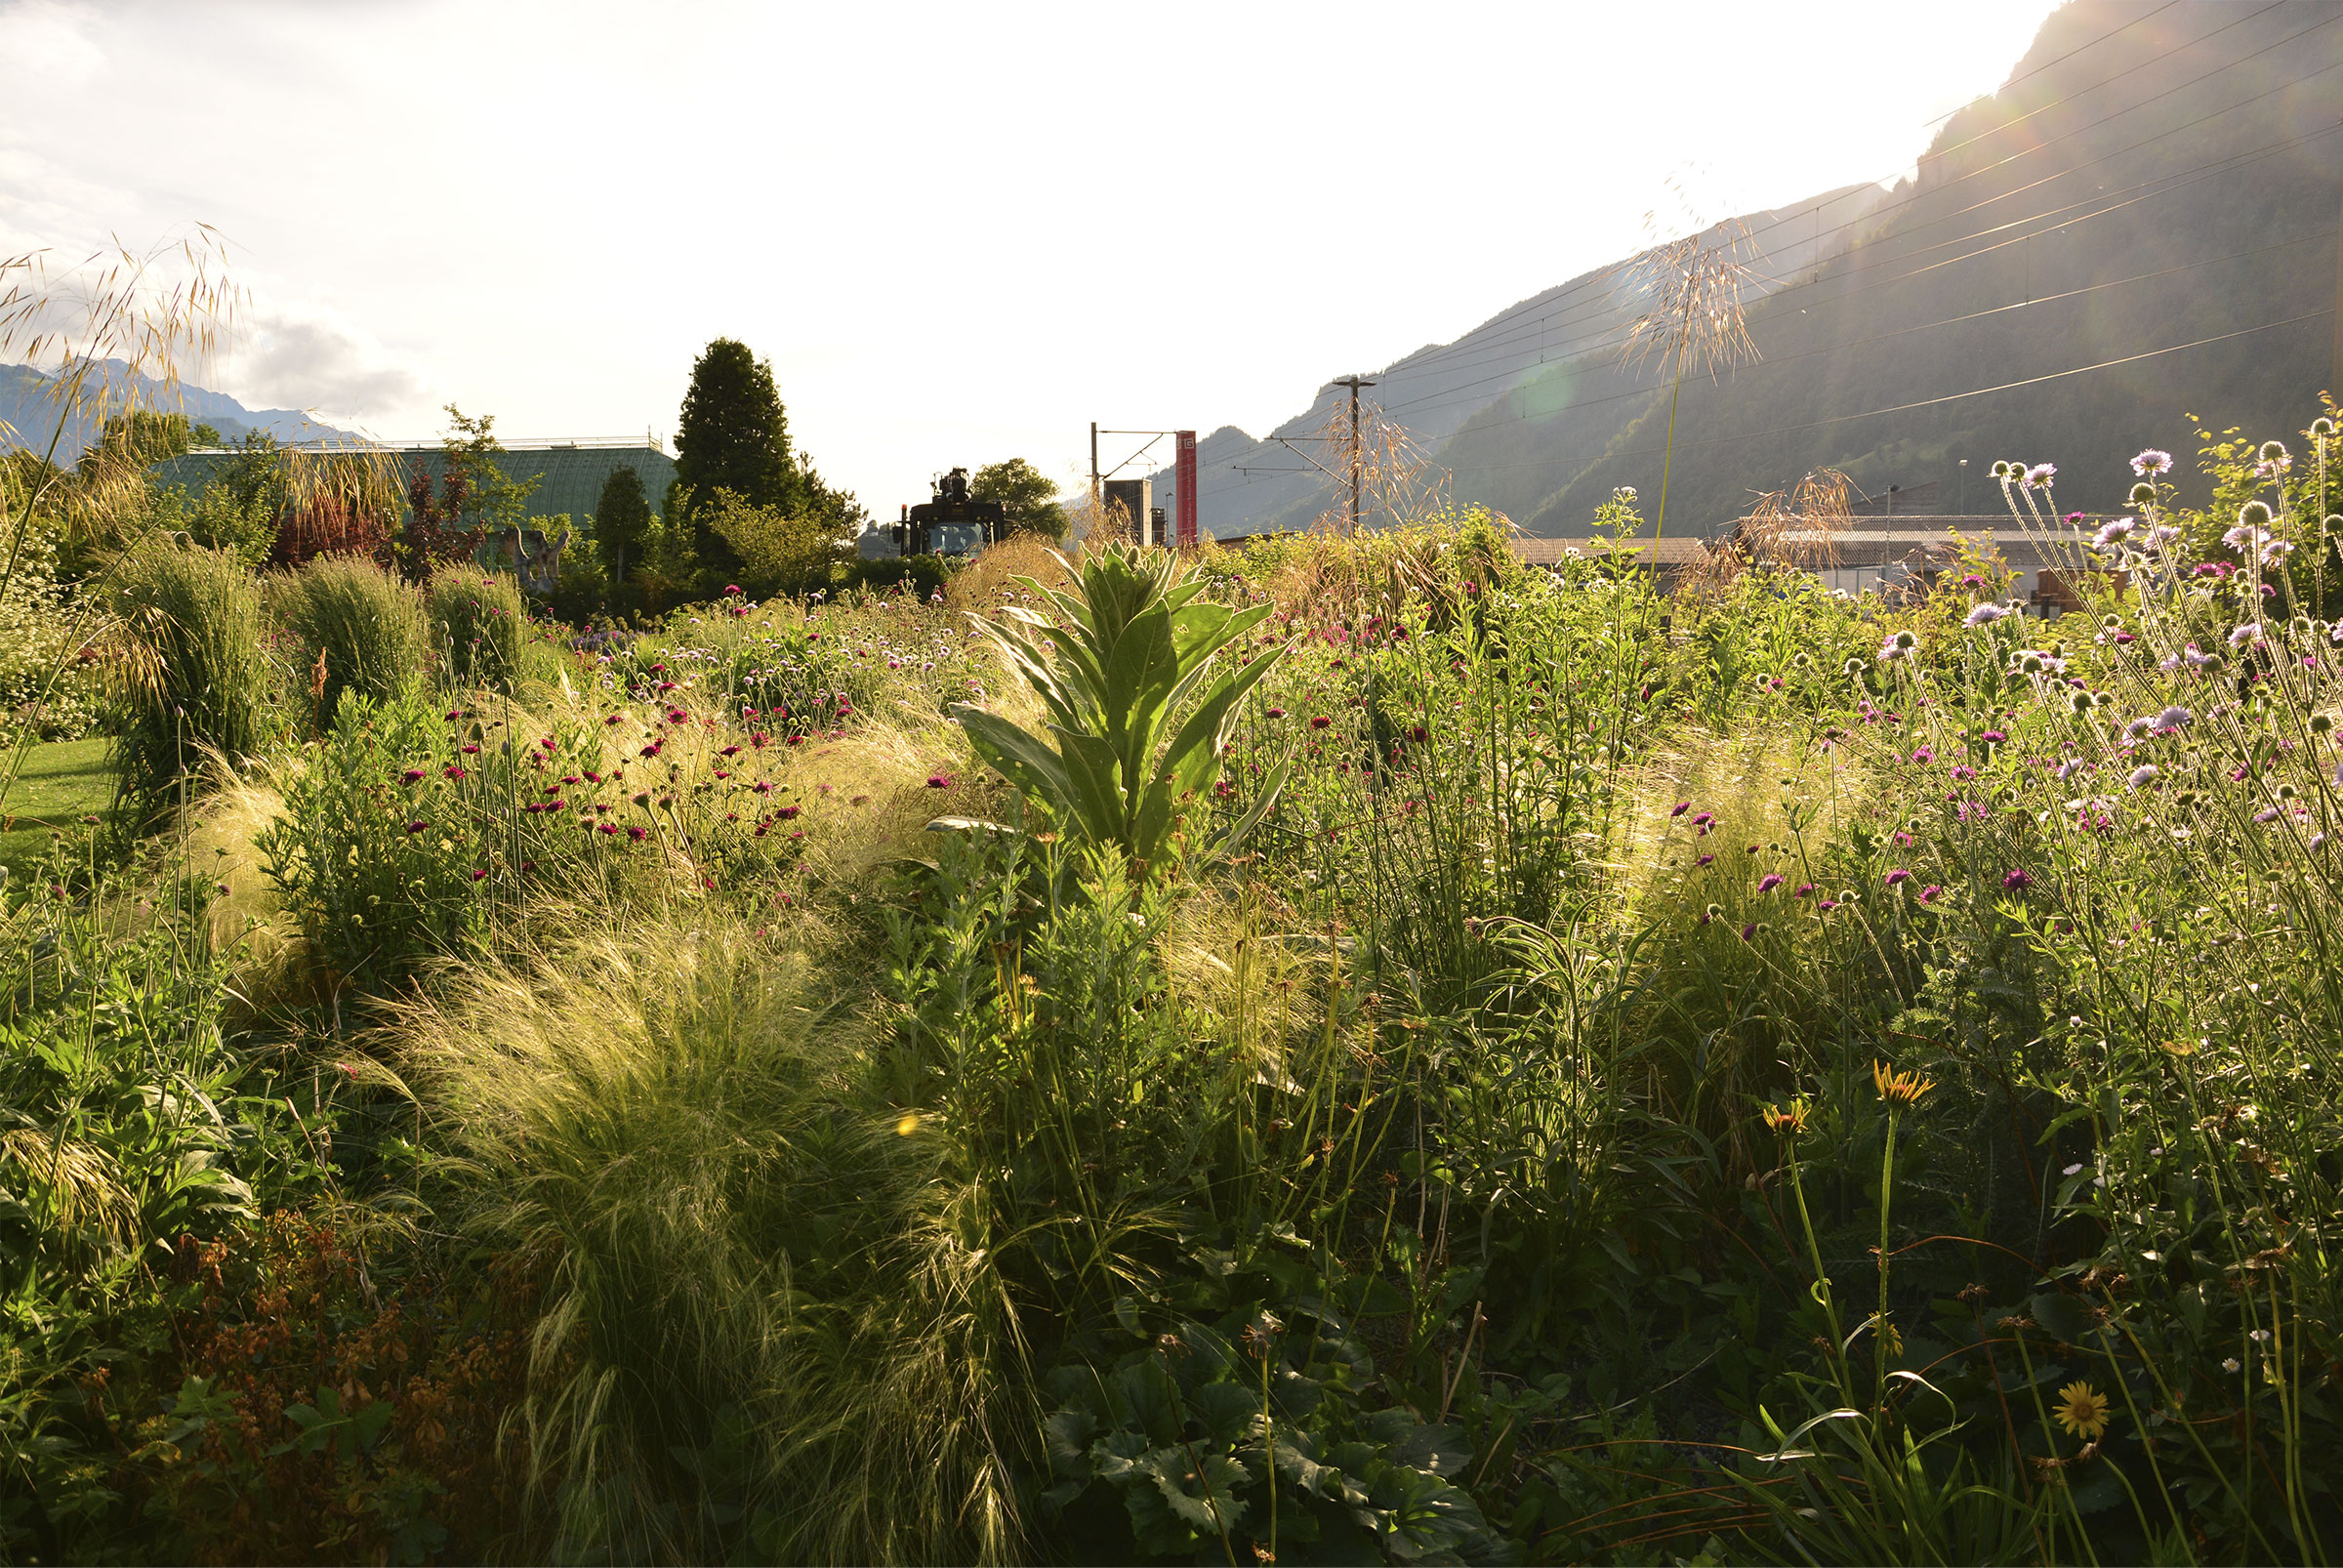 Naturalistischer Garten nach Piet Oudolf – AvantGarten